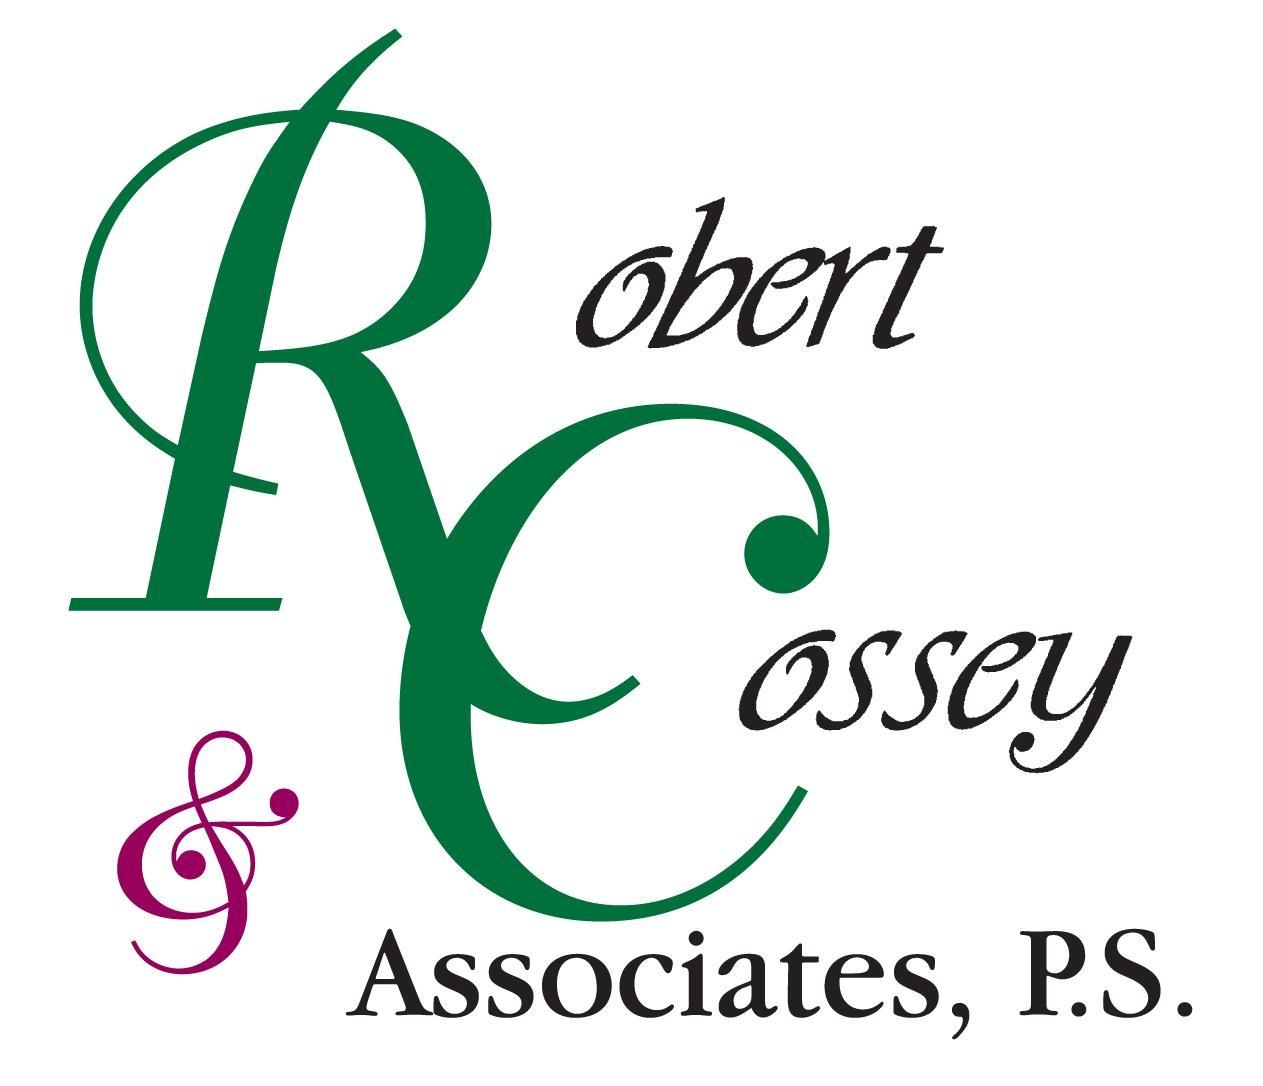 Robert Cossey & Associates, P.S.